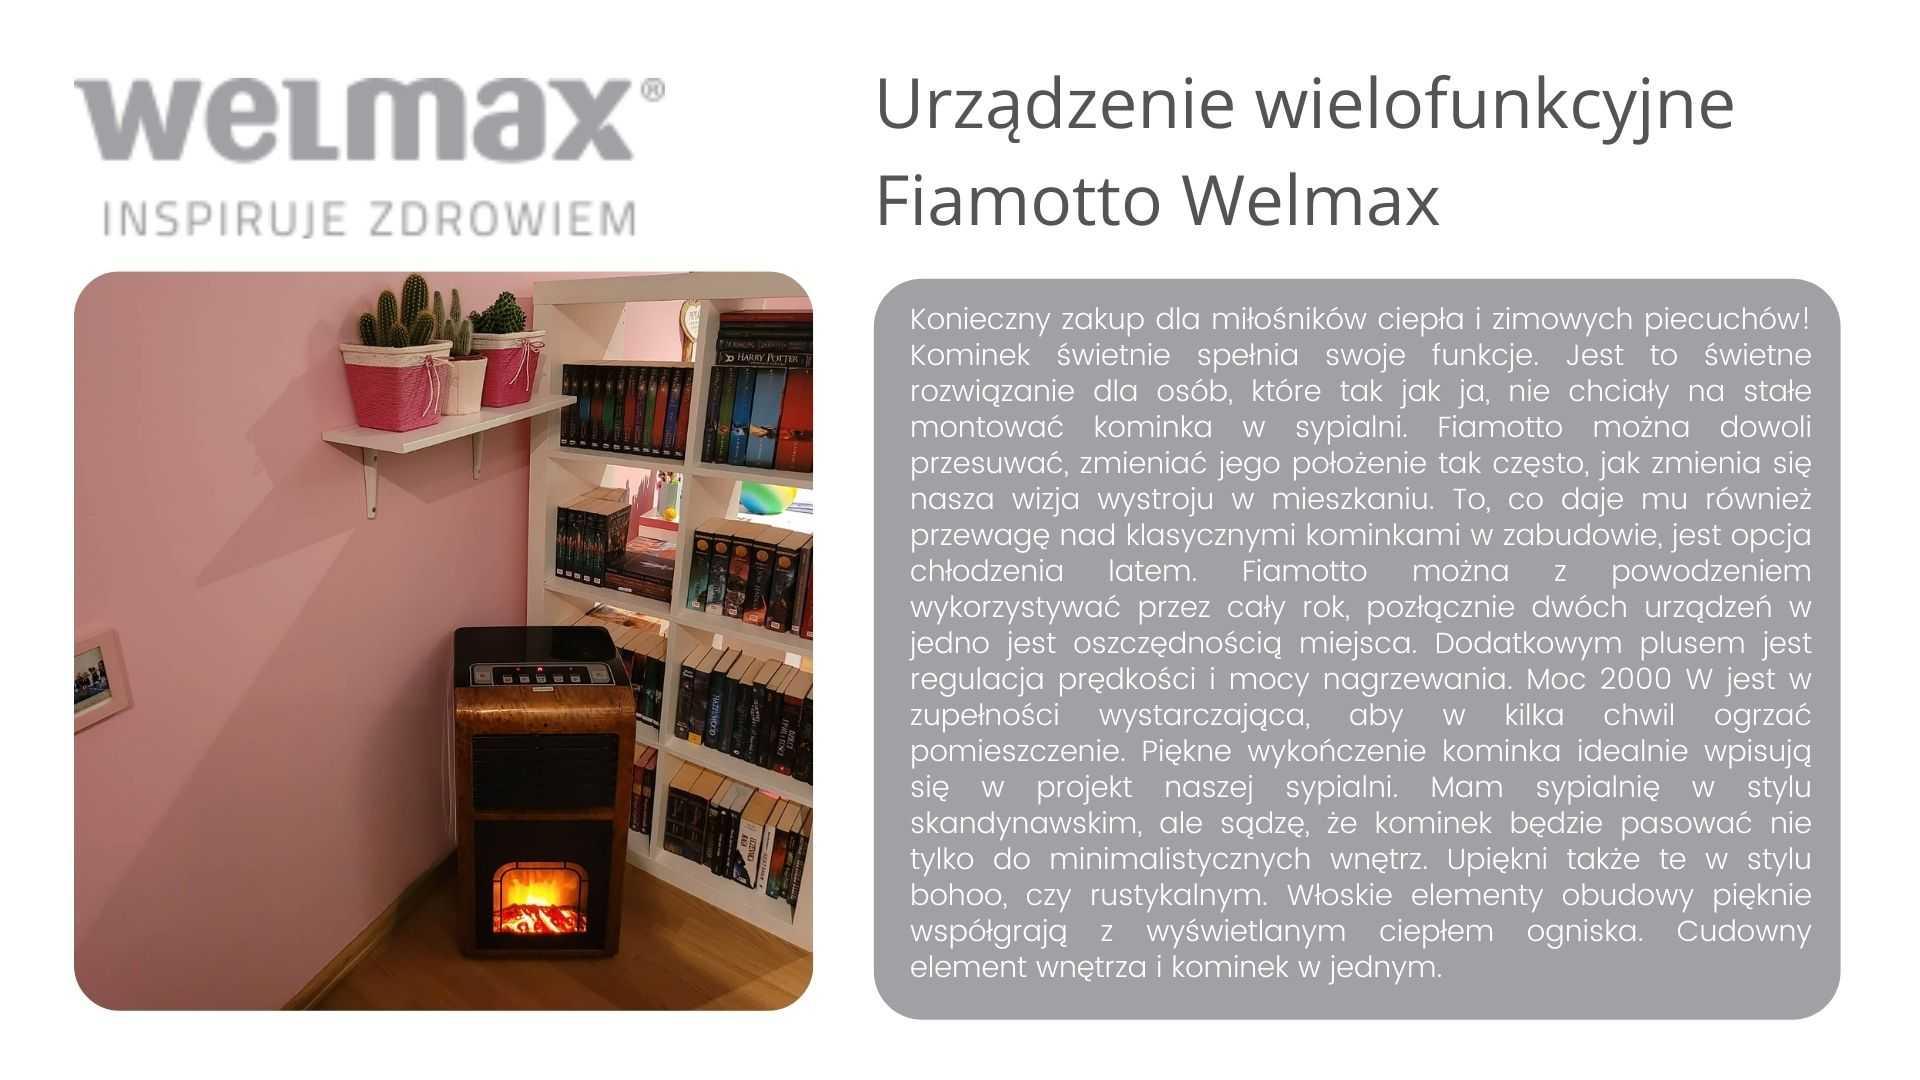 Klimatyzator Fiamotto welmax